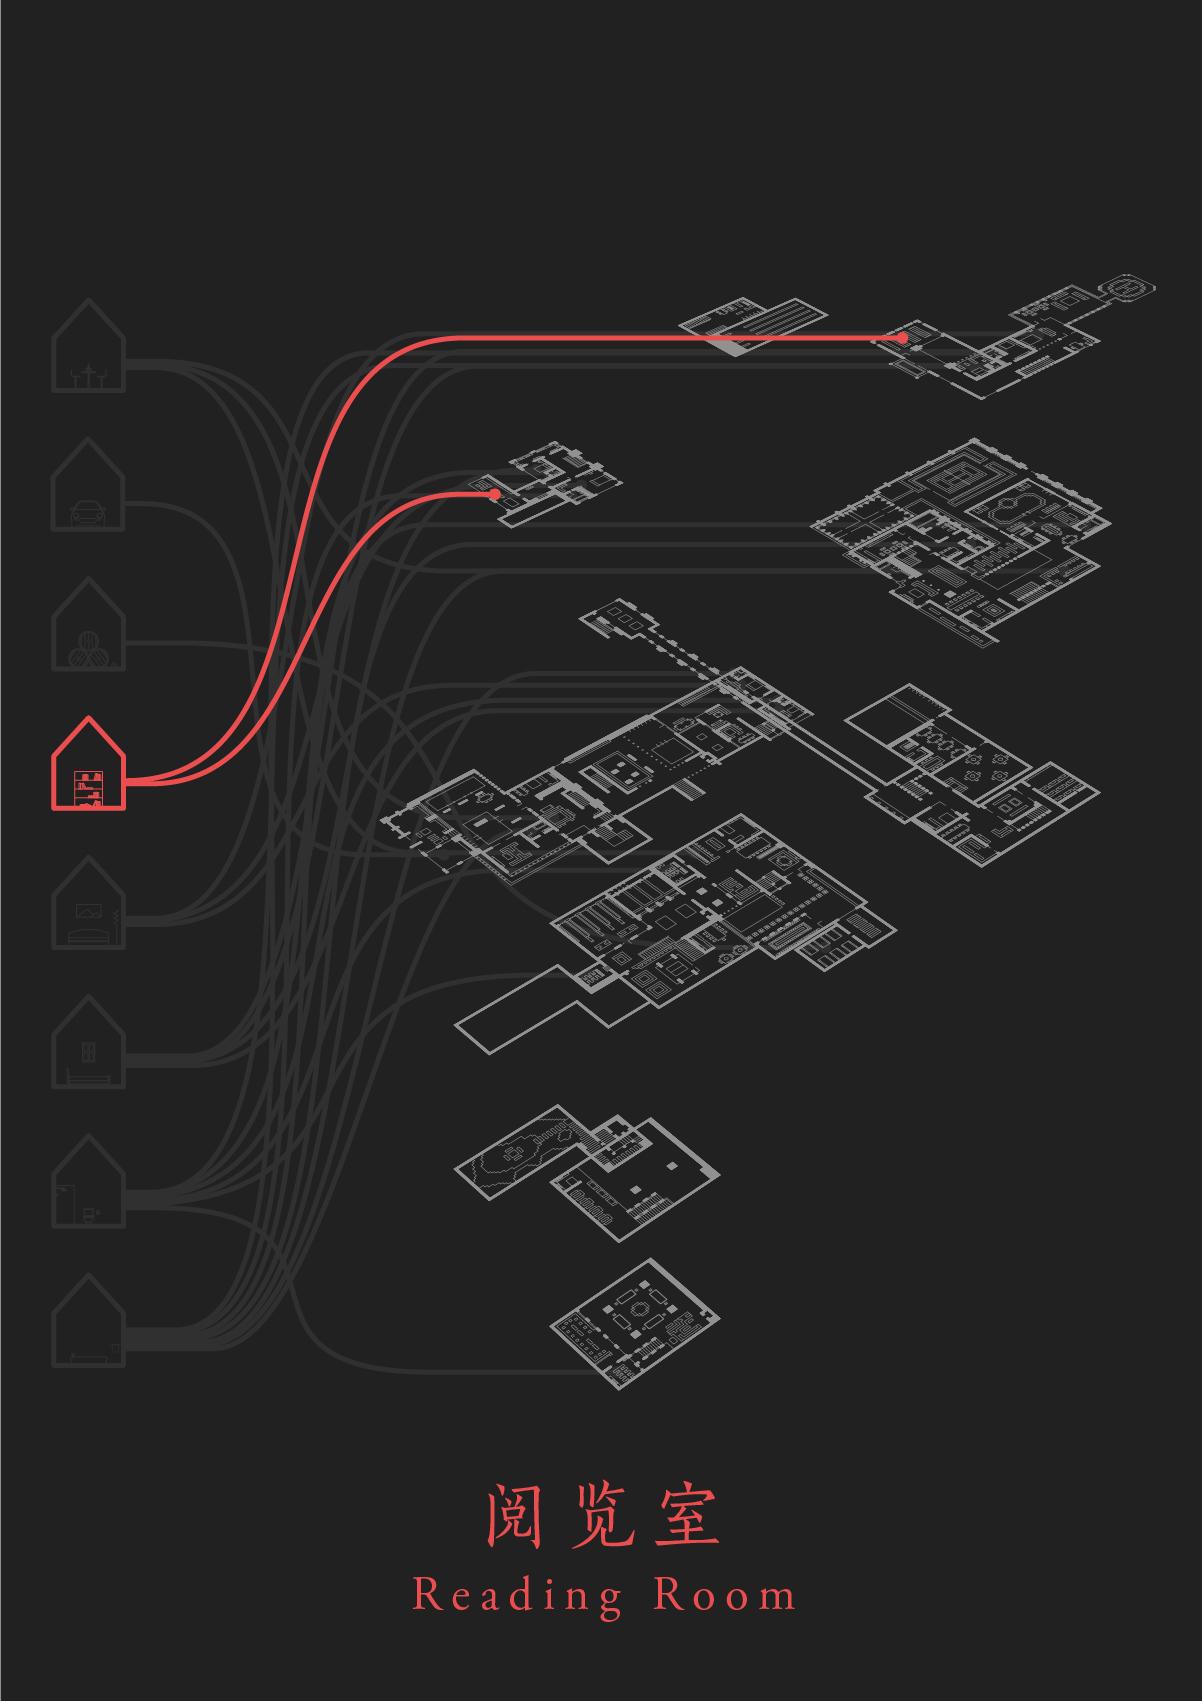 【我的别墅现代建筑群】滨州v别墅世界--源梦岛别墅景园海岛御图片